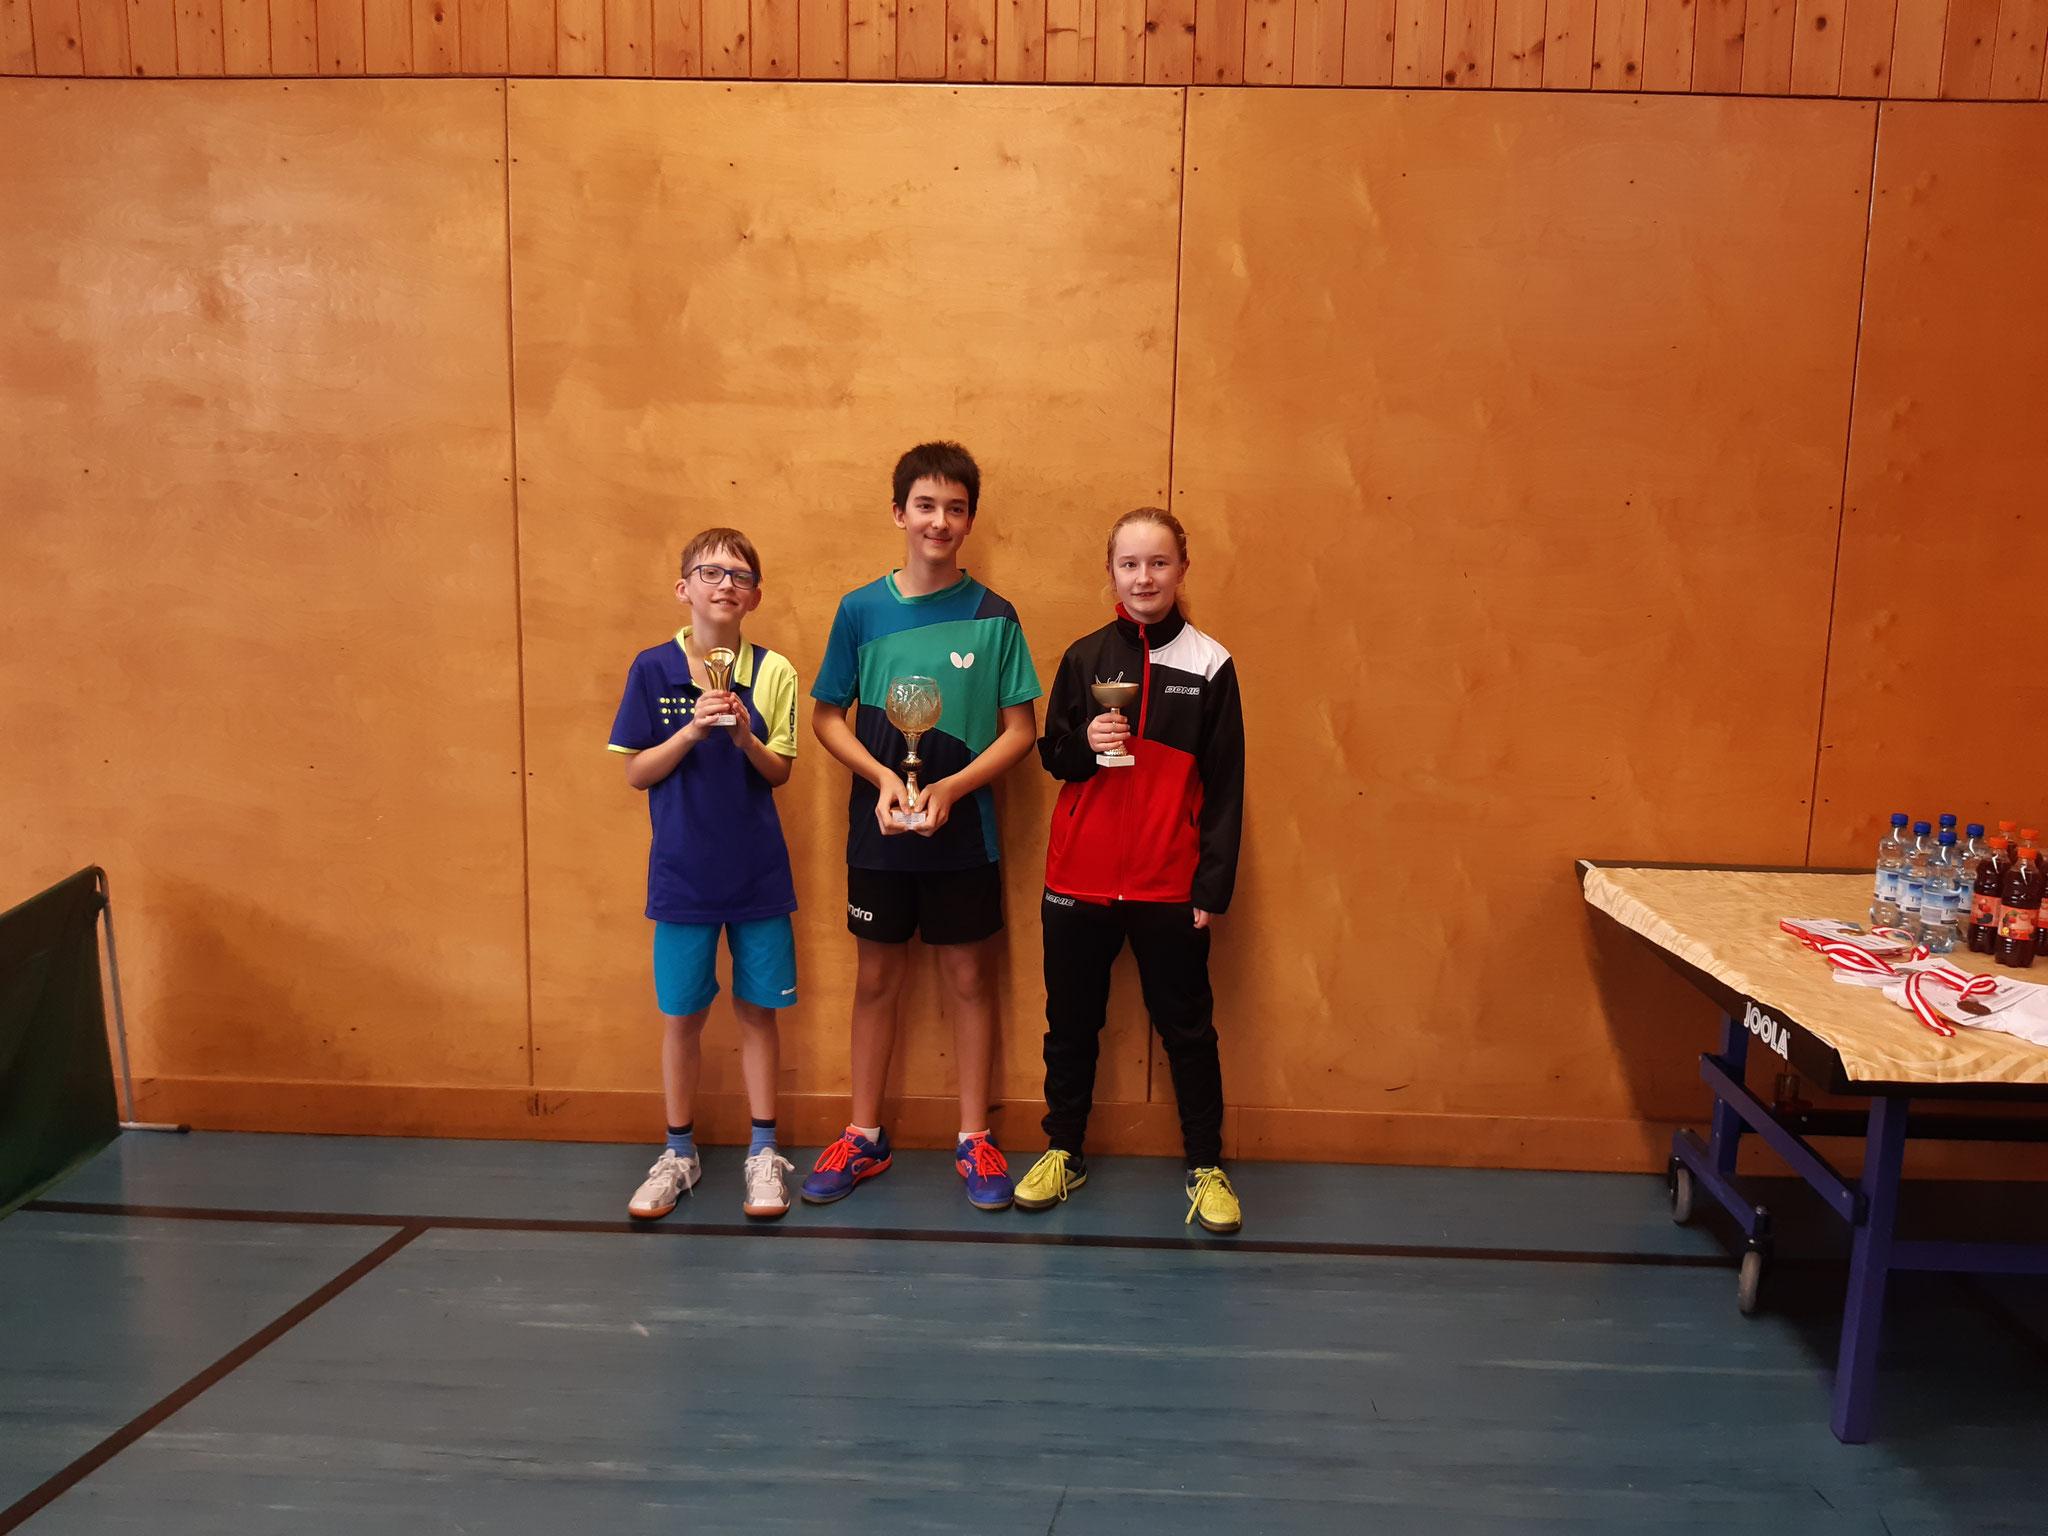 Siegerfoto Bewerb F: v.l.n.r. Tobias Kriha (SSTO) (Platz 3), Niklas Damm (SSTO) (Sieger), Pia Geineder (LENZ) (Platz 2)